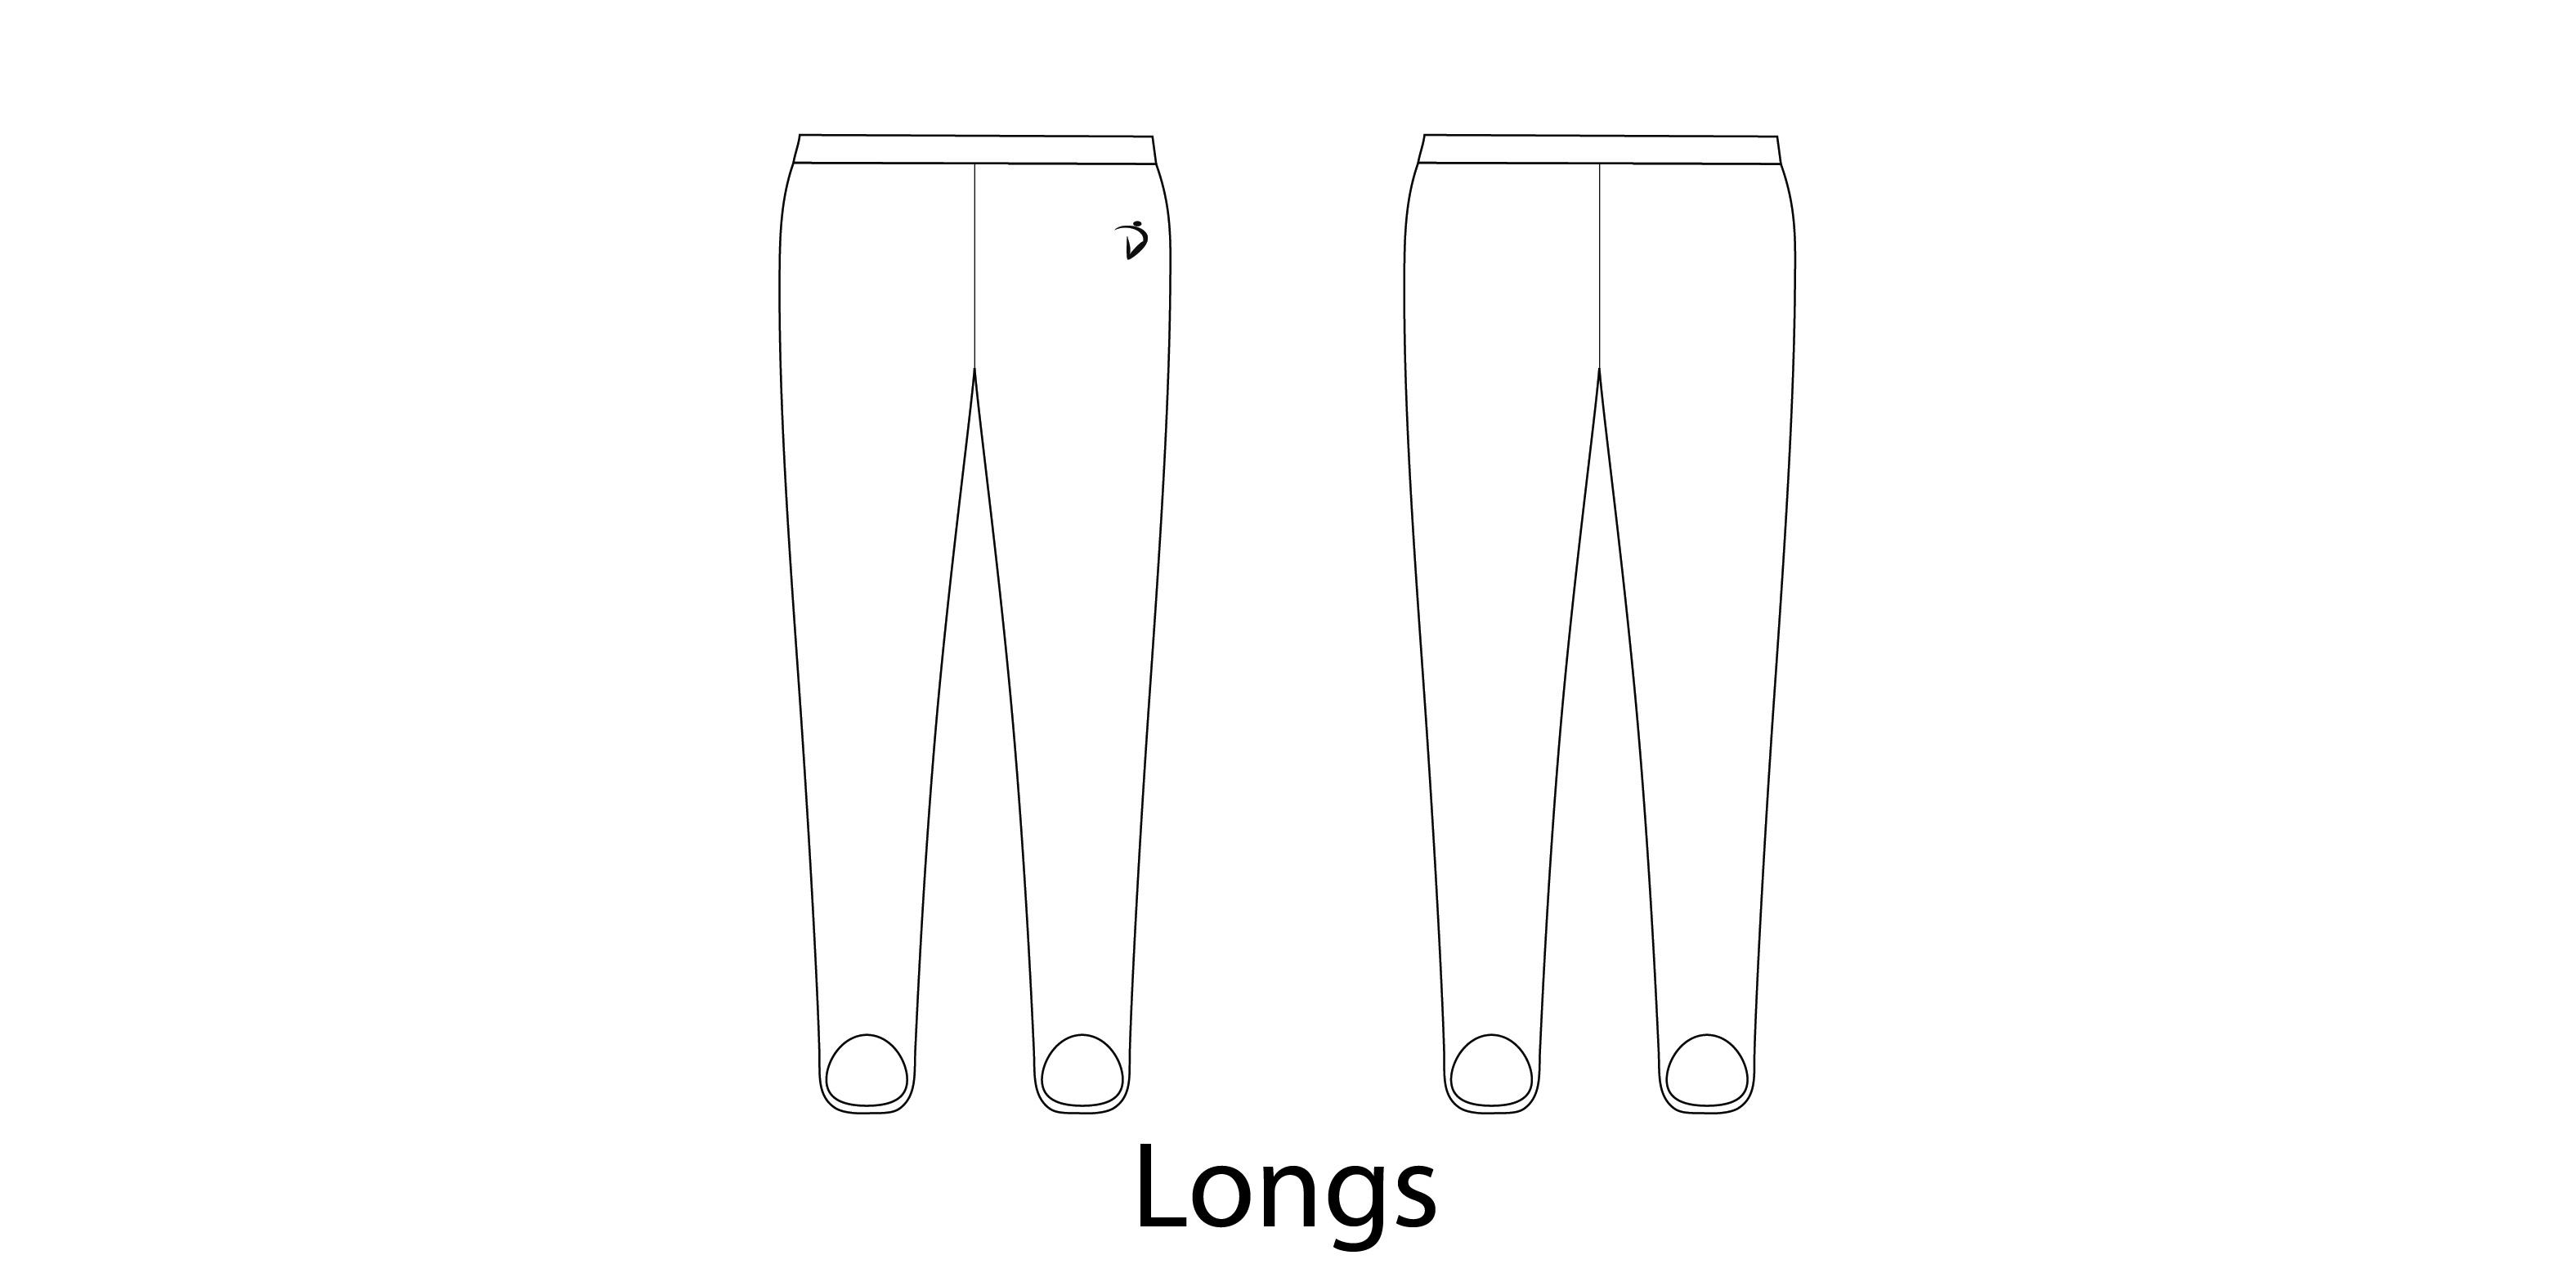 Longs